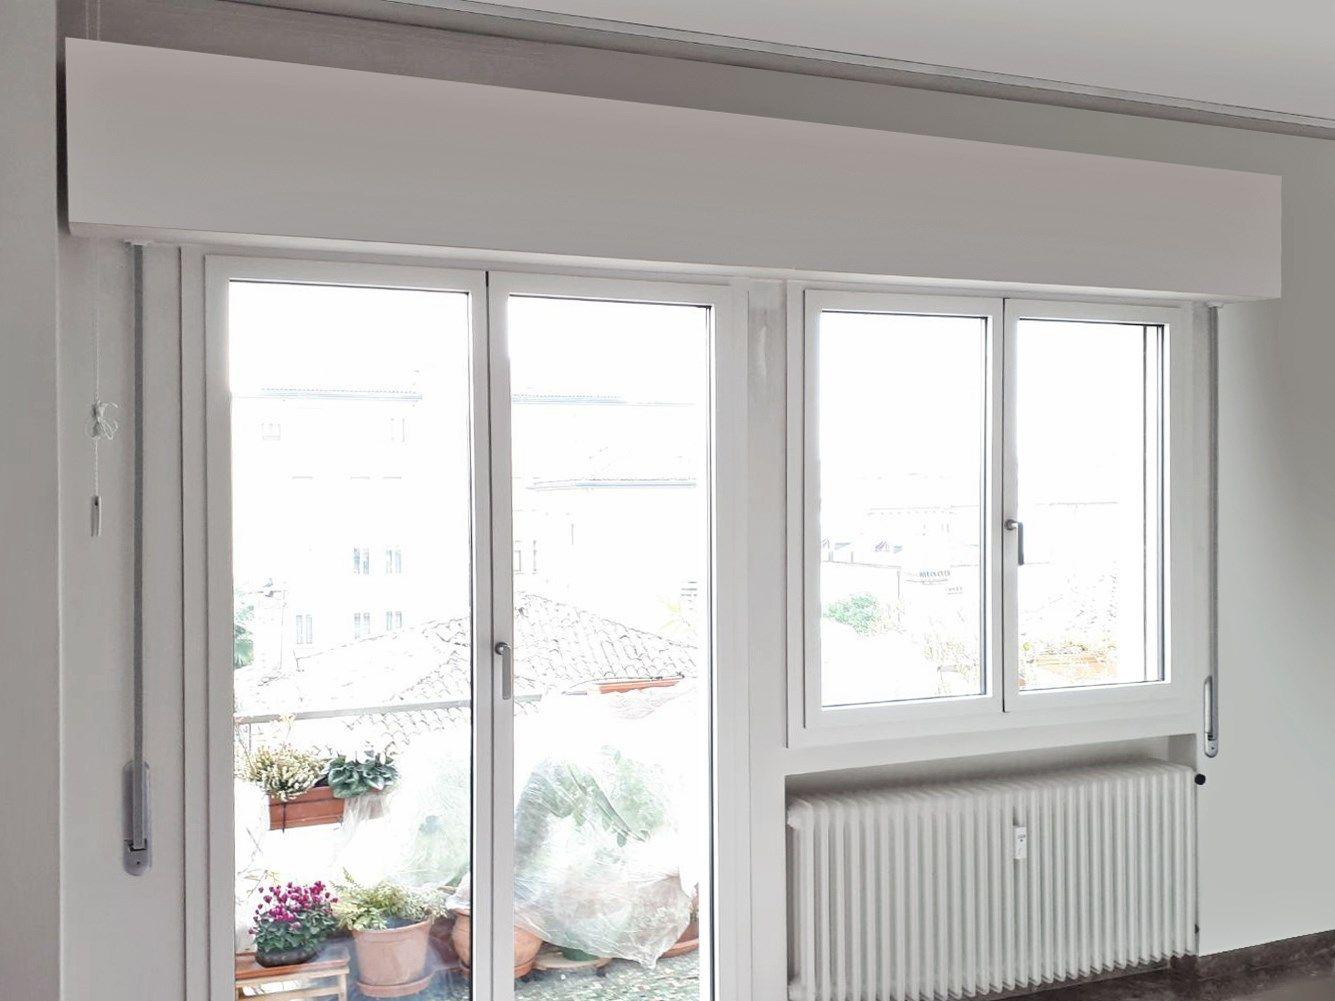 Nuovi infissi total white di Climapac per un appartamento veneziano